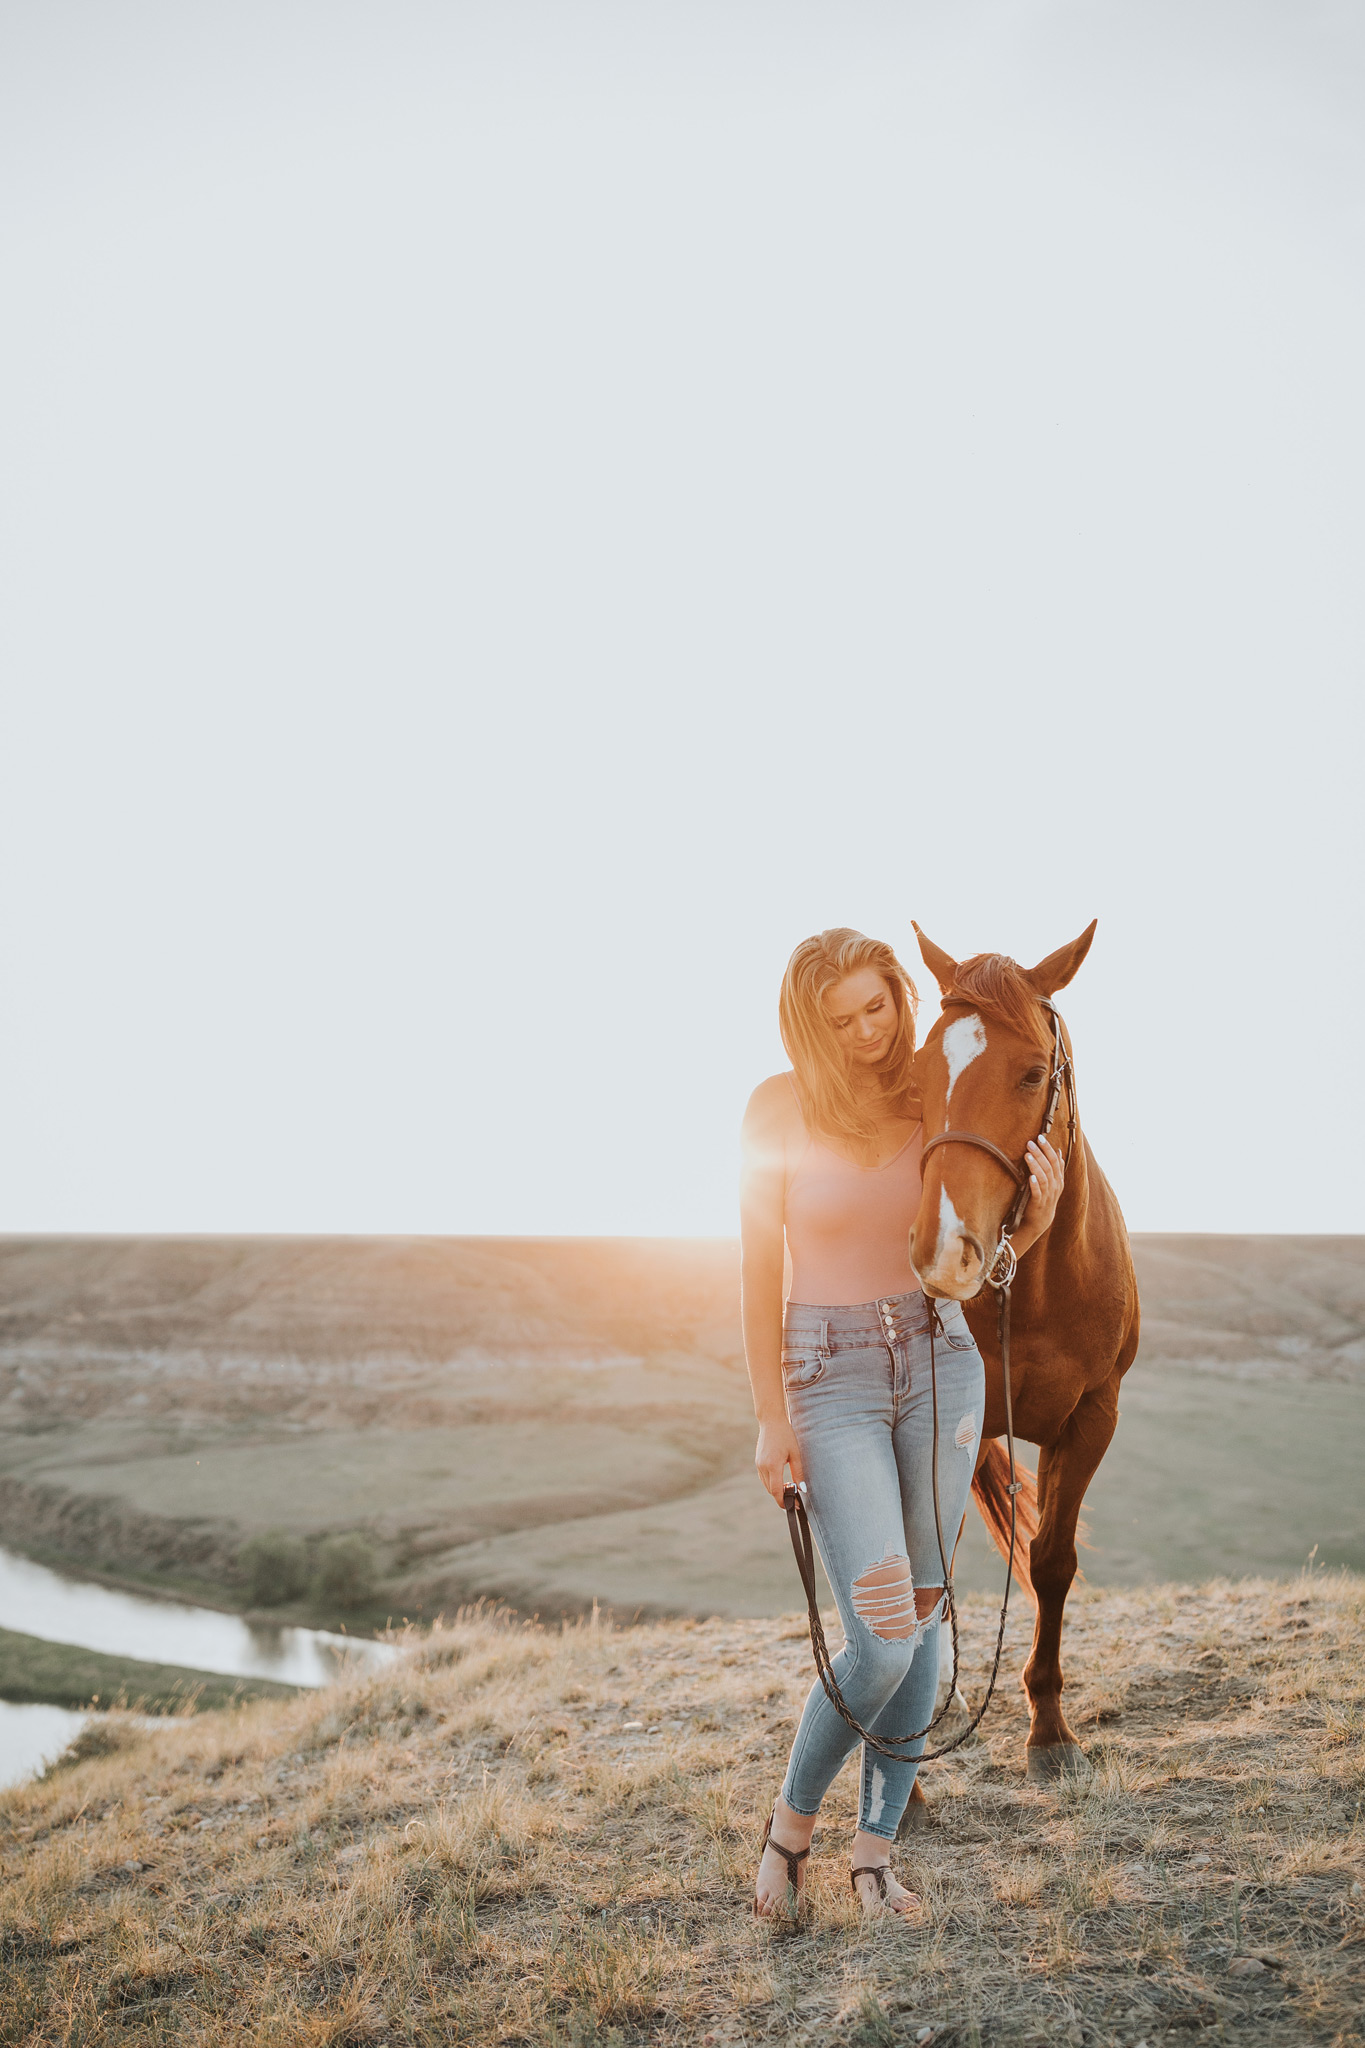 girl standing beside horse at sunset